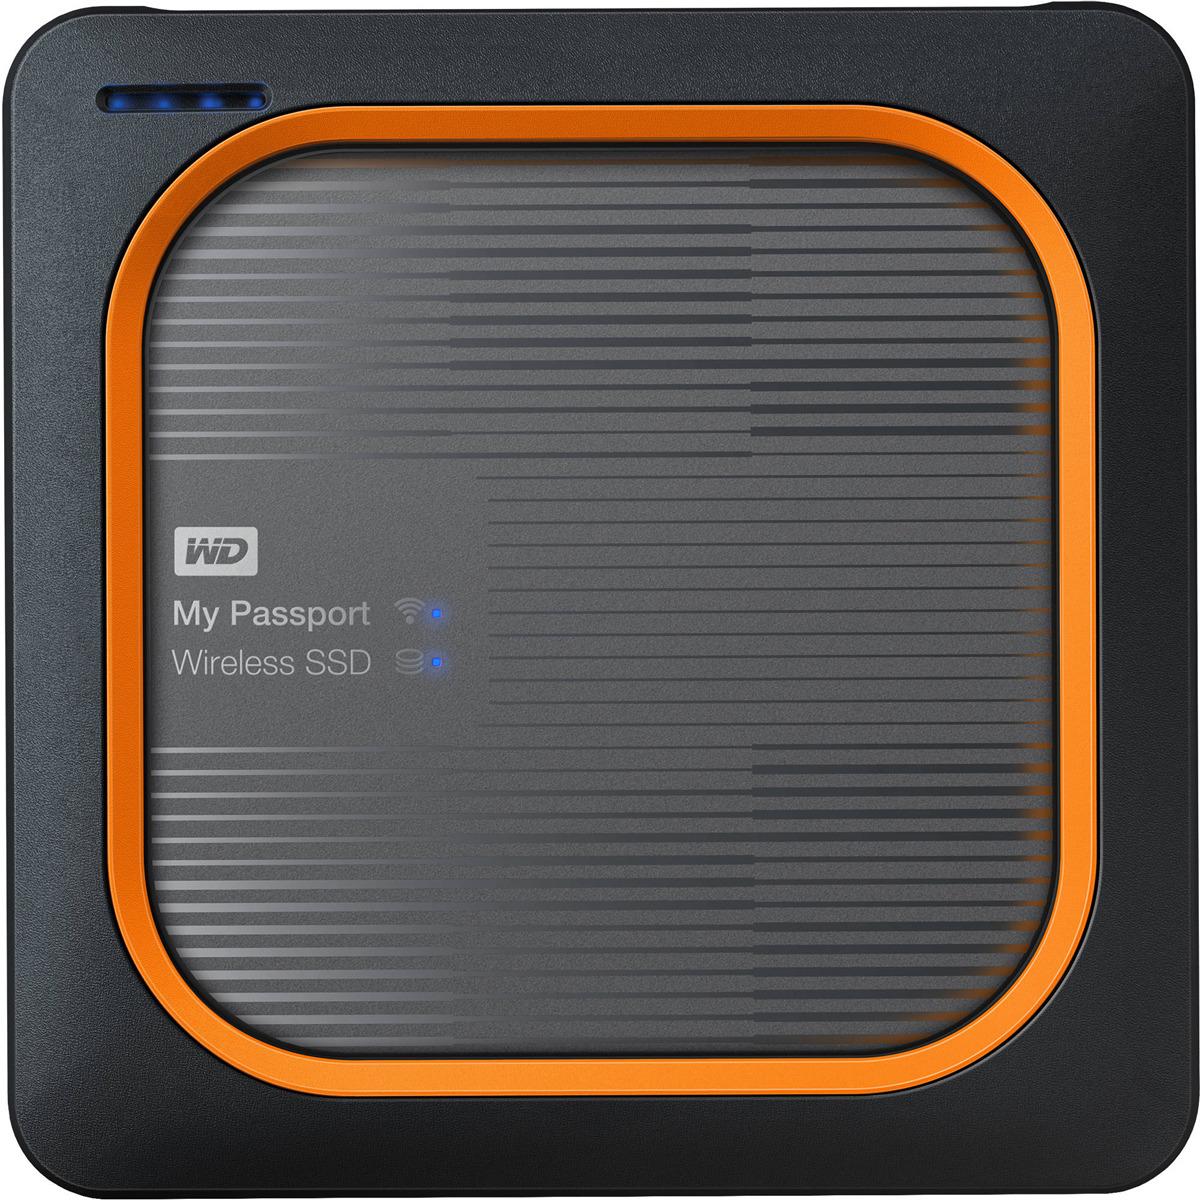 Фото - Внешний SSD WD My Passport Wireless, 1 ТБ видео